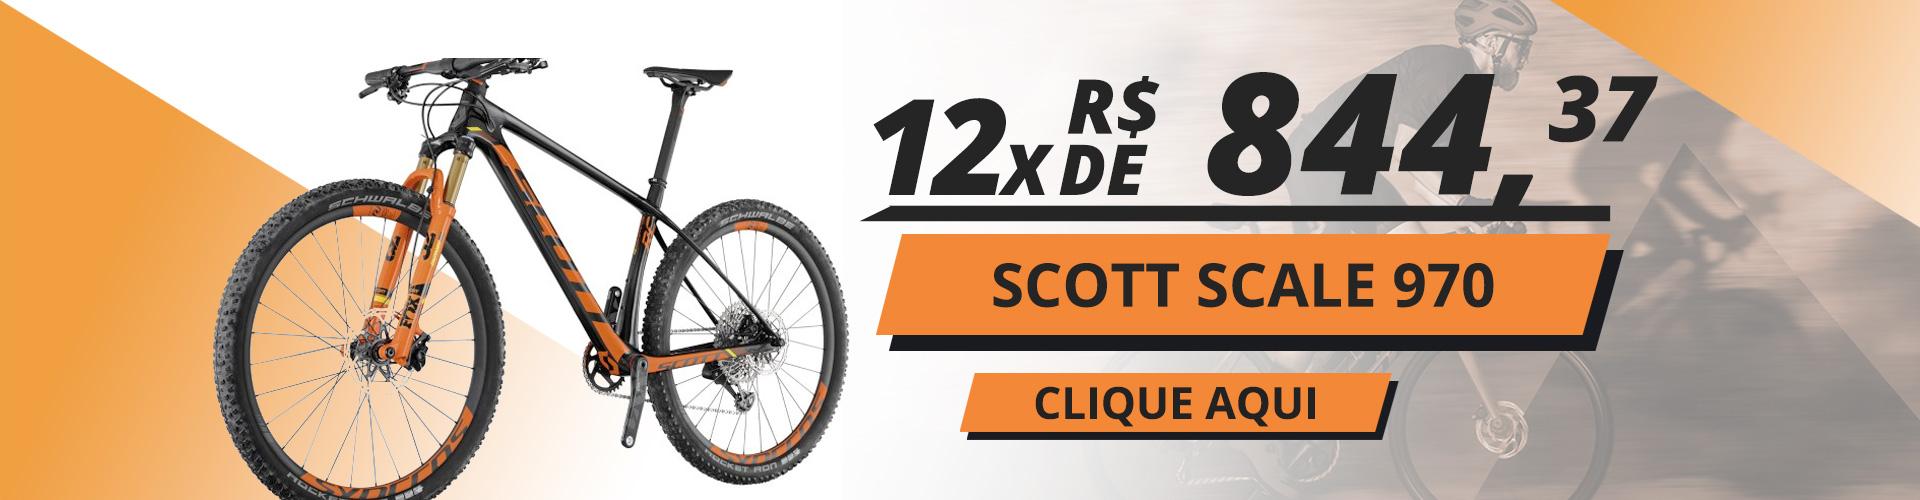 Banner Scott Scale 970